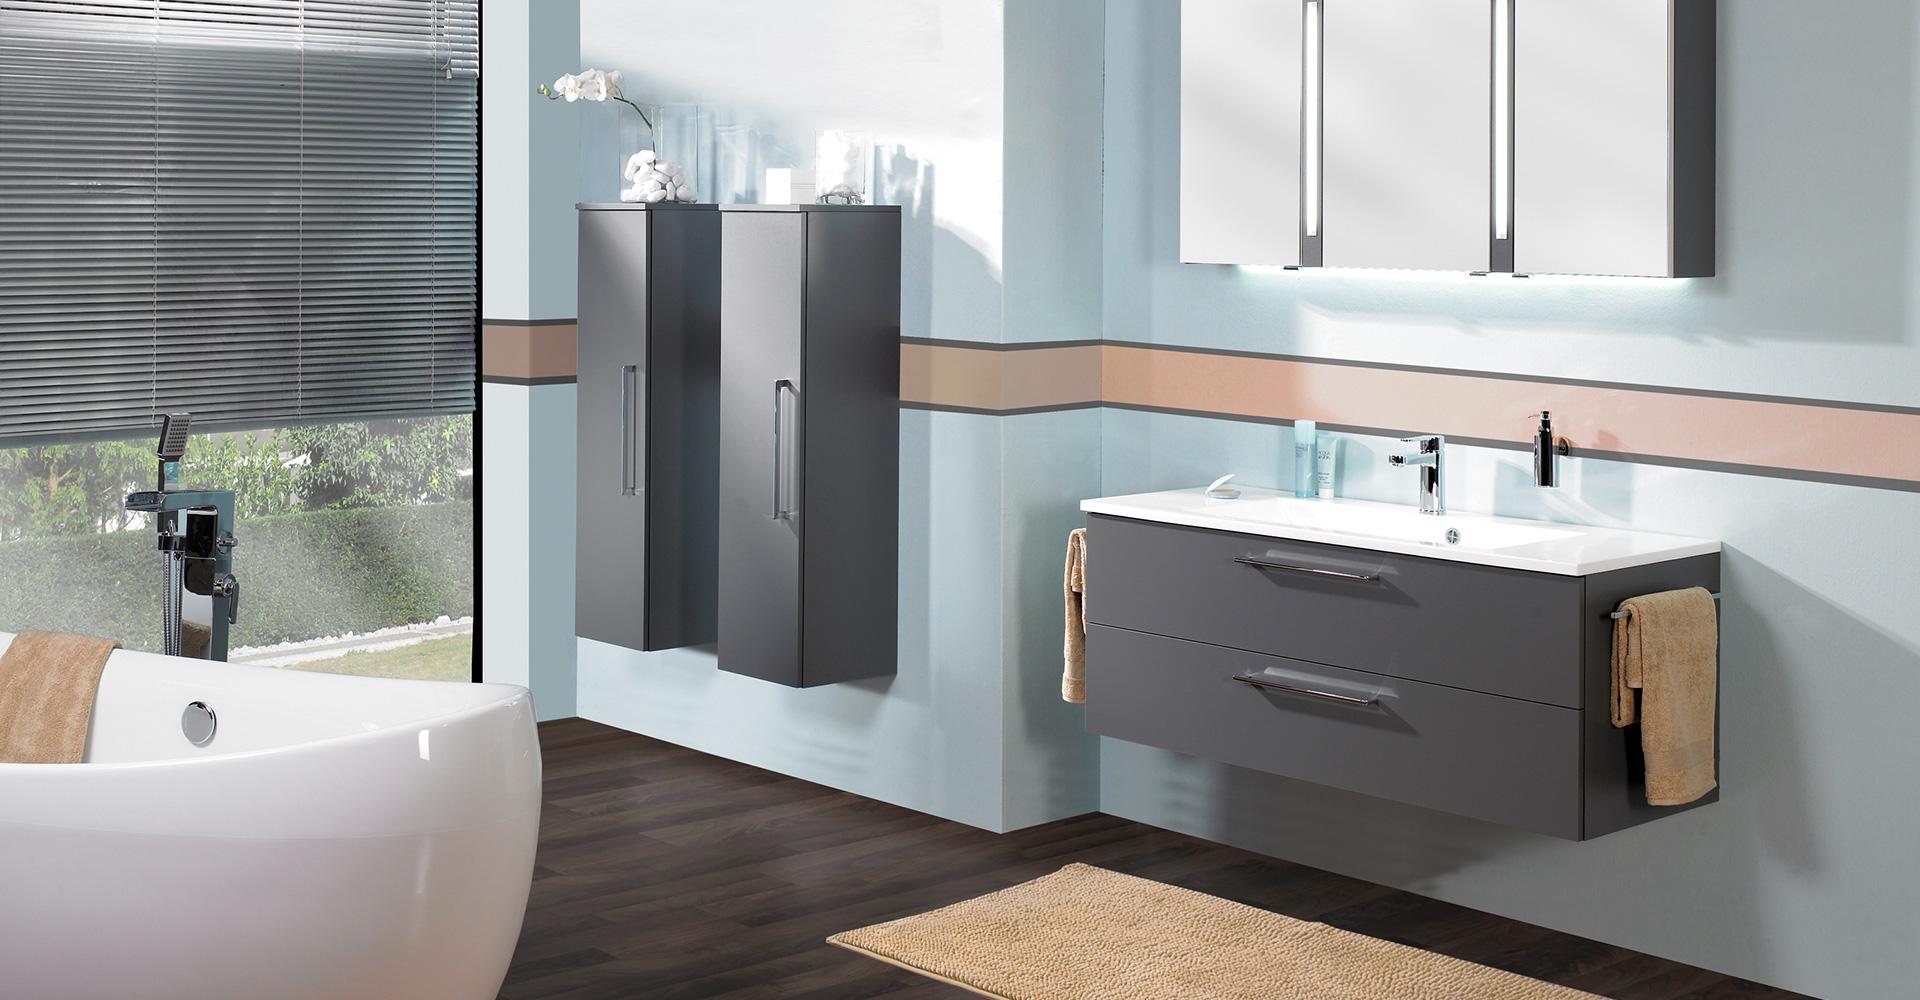 Sanitair badkamer modern badkamer aanleggen